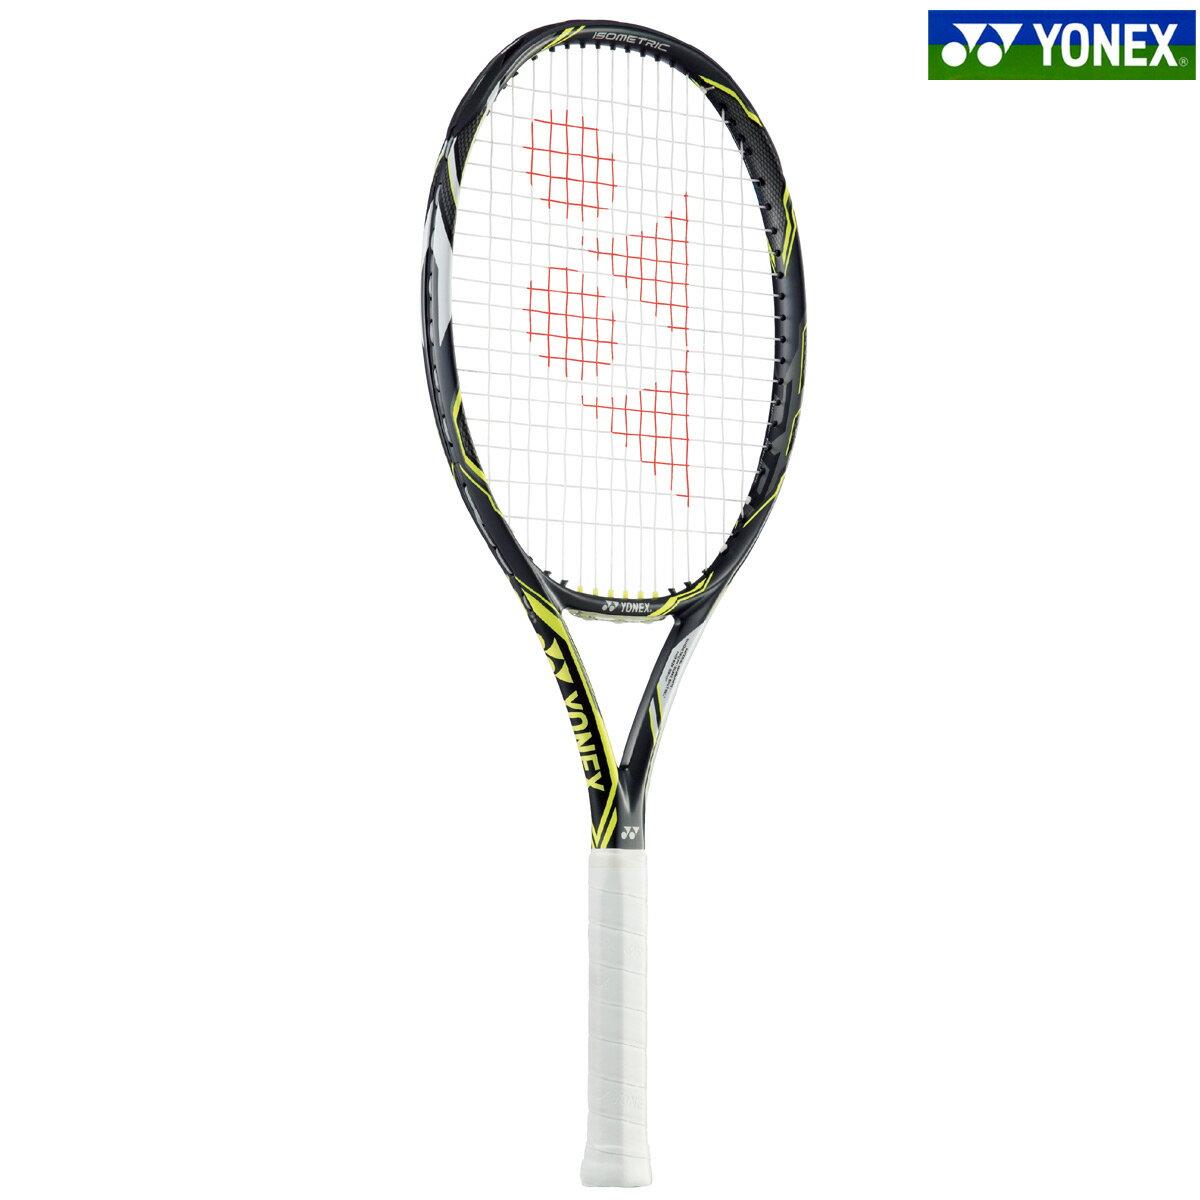 「あす楽対応」YONEX(ヨネックス)「EZONE DR 108(Eゾーン ディーアール 108) EZD108」硬式テニスラケット(スマートテニスセンサー対応)【prospo】 『即日出荷』